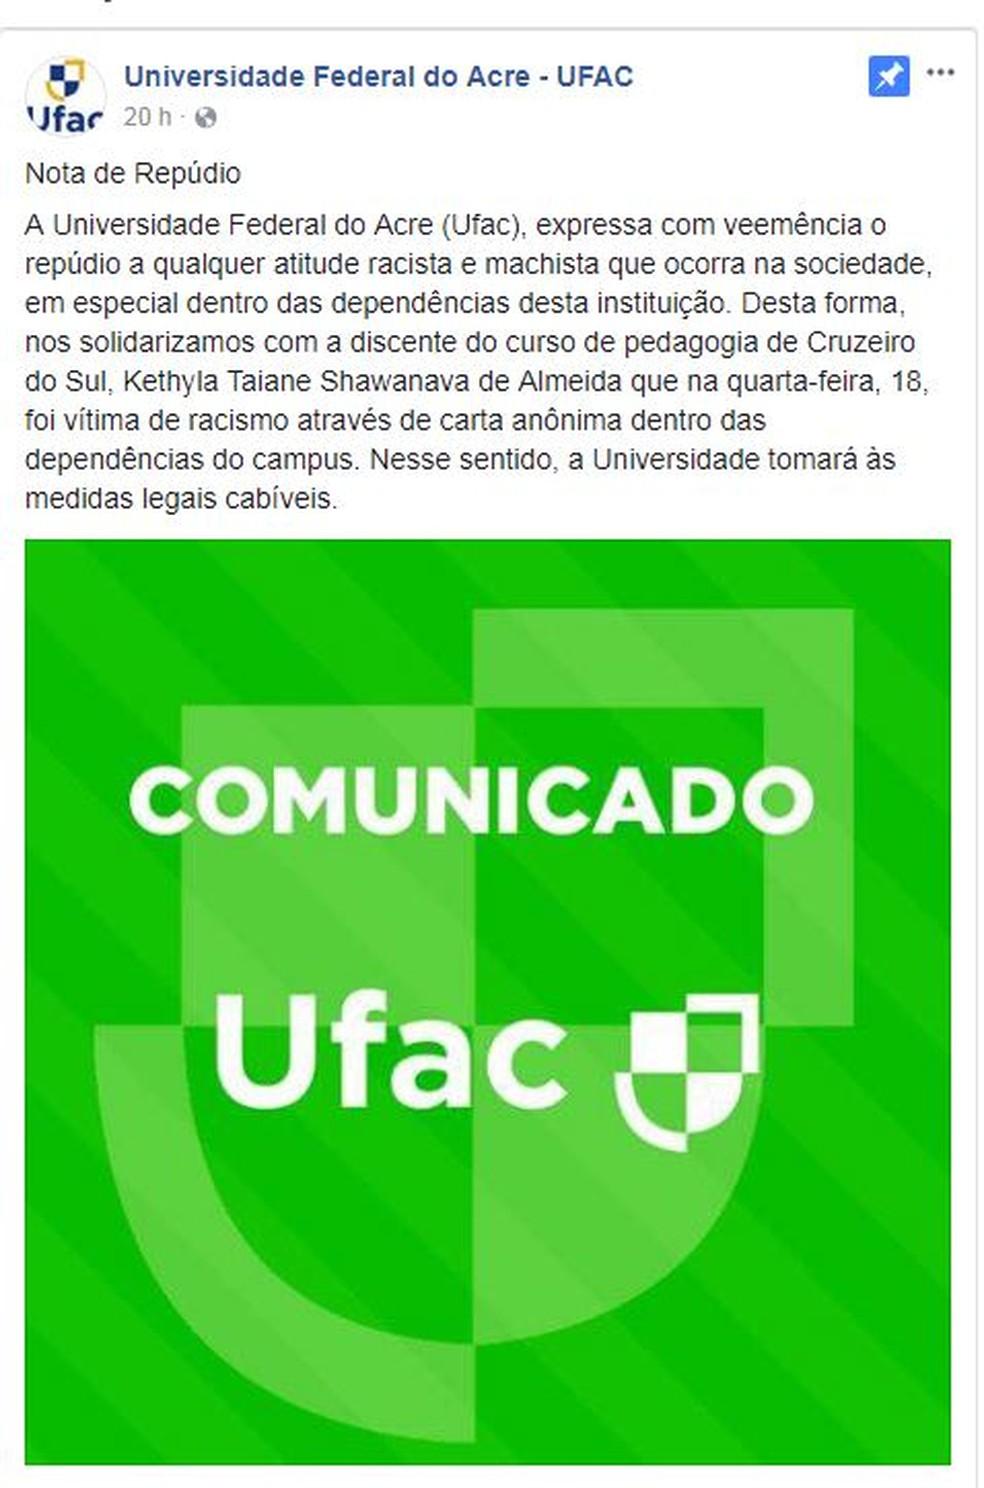 Ufac usou perfil oficial para divulgar nota de repúdio  (Foto: Reprodução/Facebook)